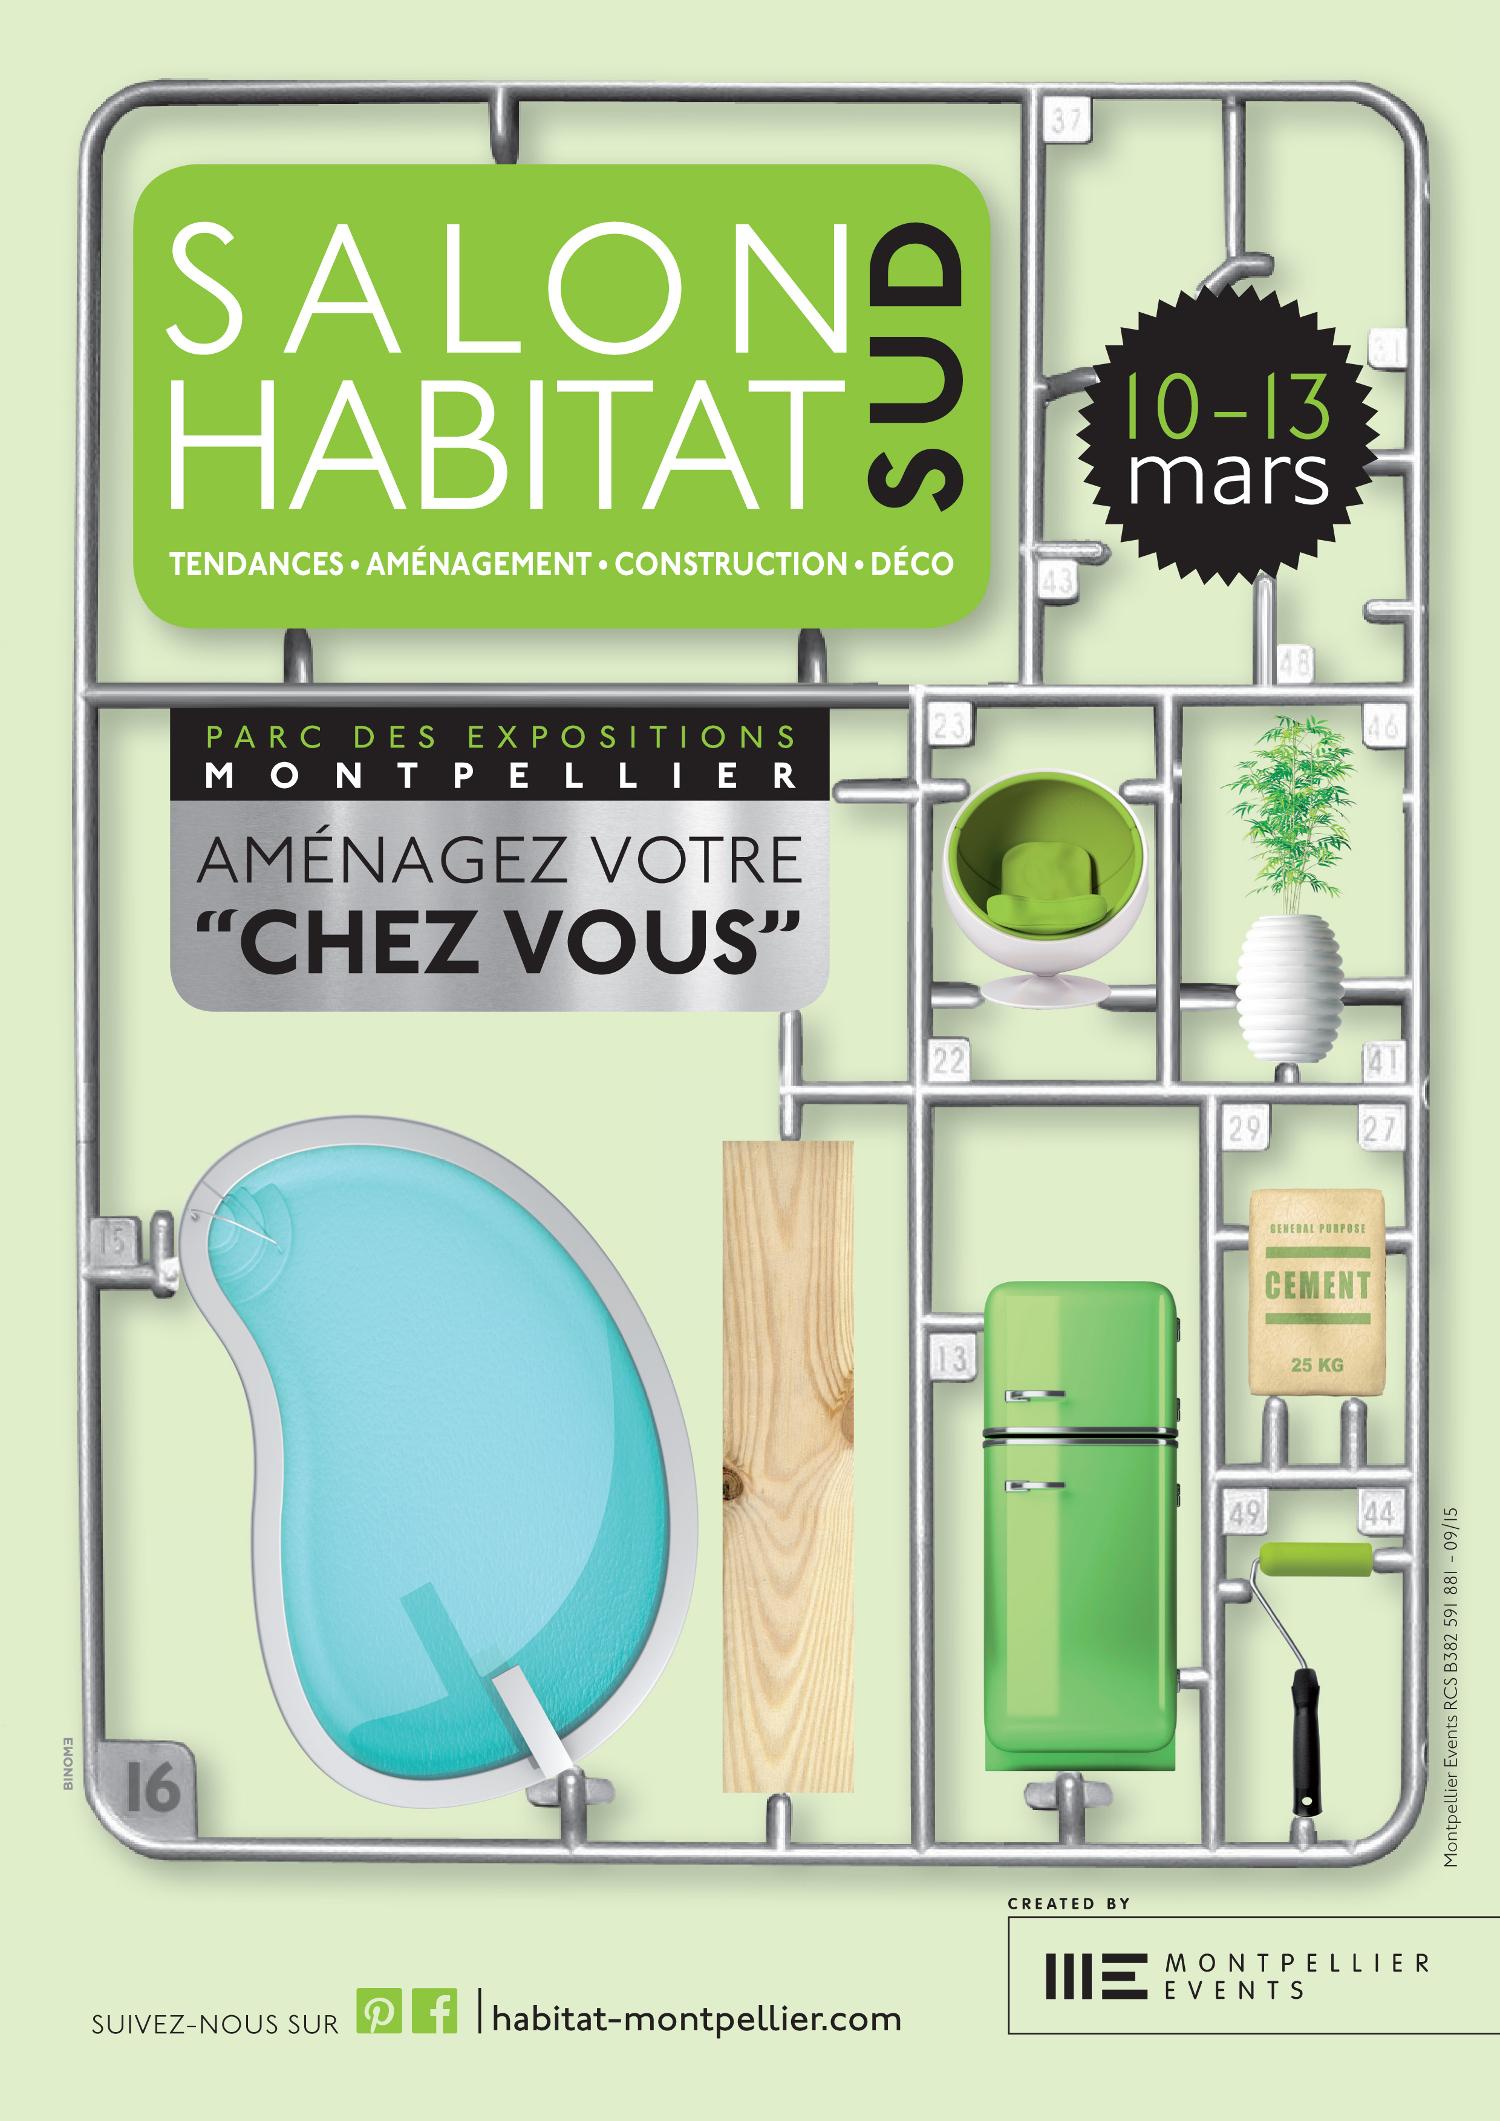 Salon habitat sud montpellier l 39 atelier bois - Salon de l habitat montpellier ...